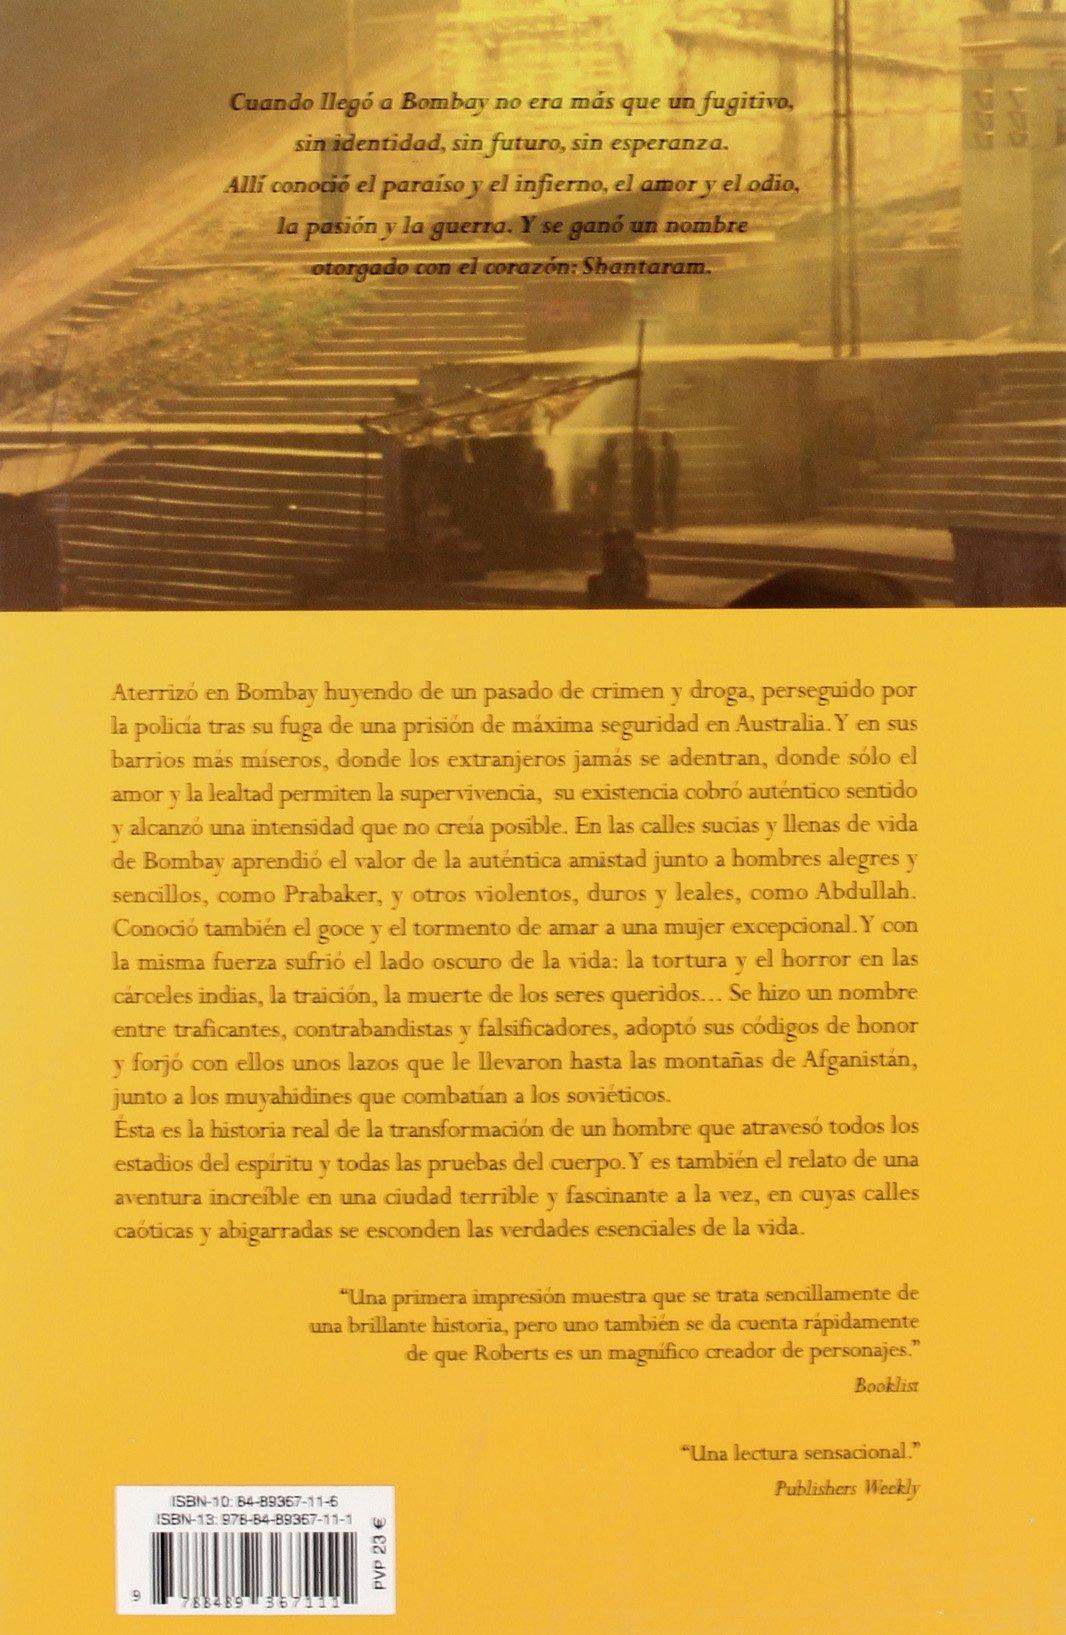 Shantaram (Umbriel narrativa): Amazon.es: Roberts, Gregory David ...